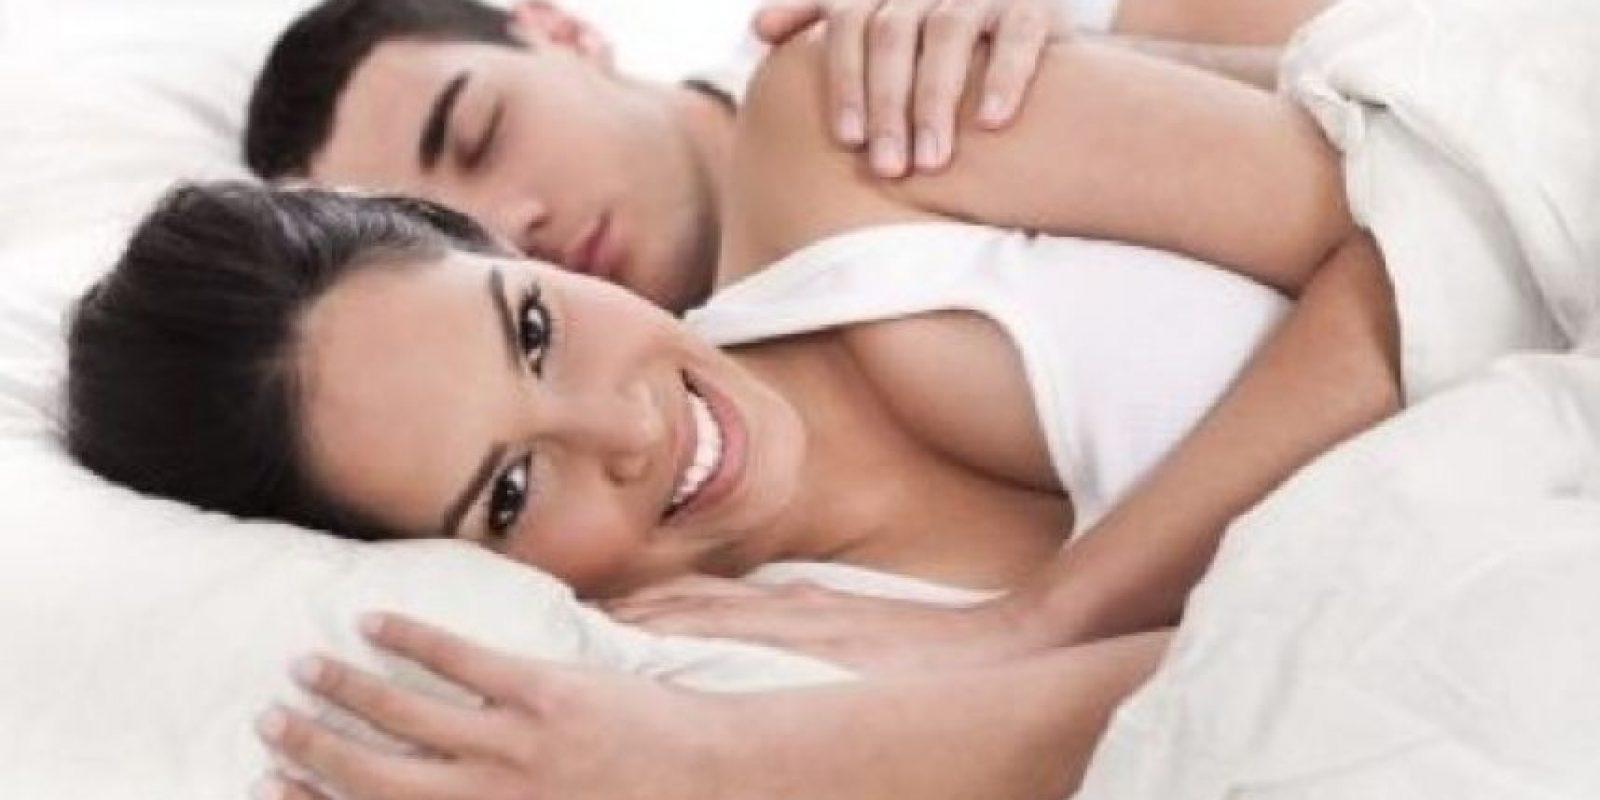 Posiciones sexuales que aman los hombres